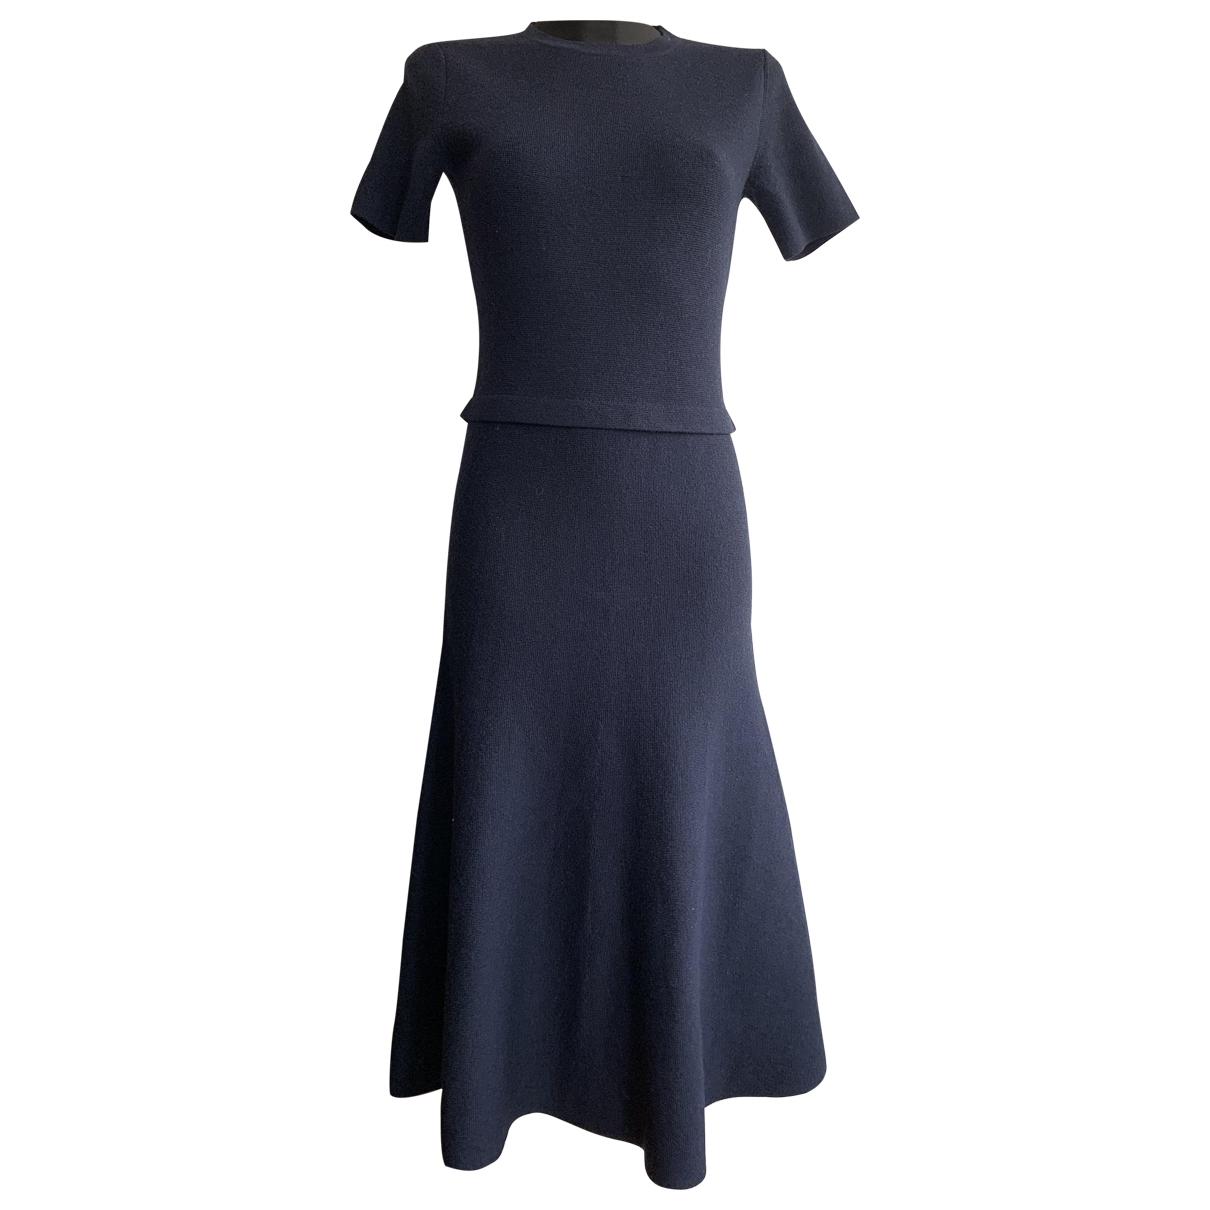 Iris & Ink \N Kleid in  Blau Wolle